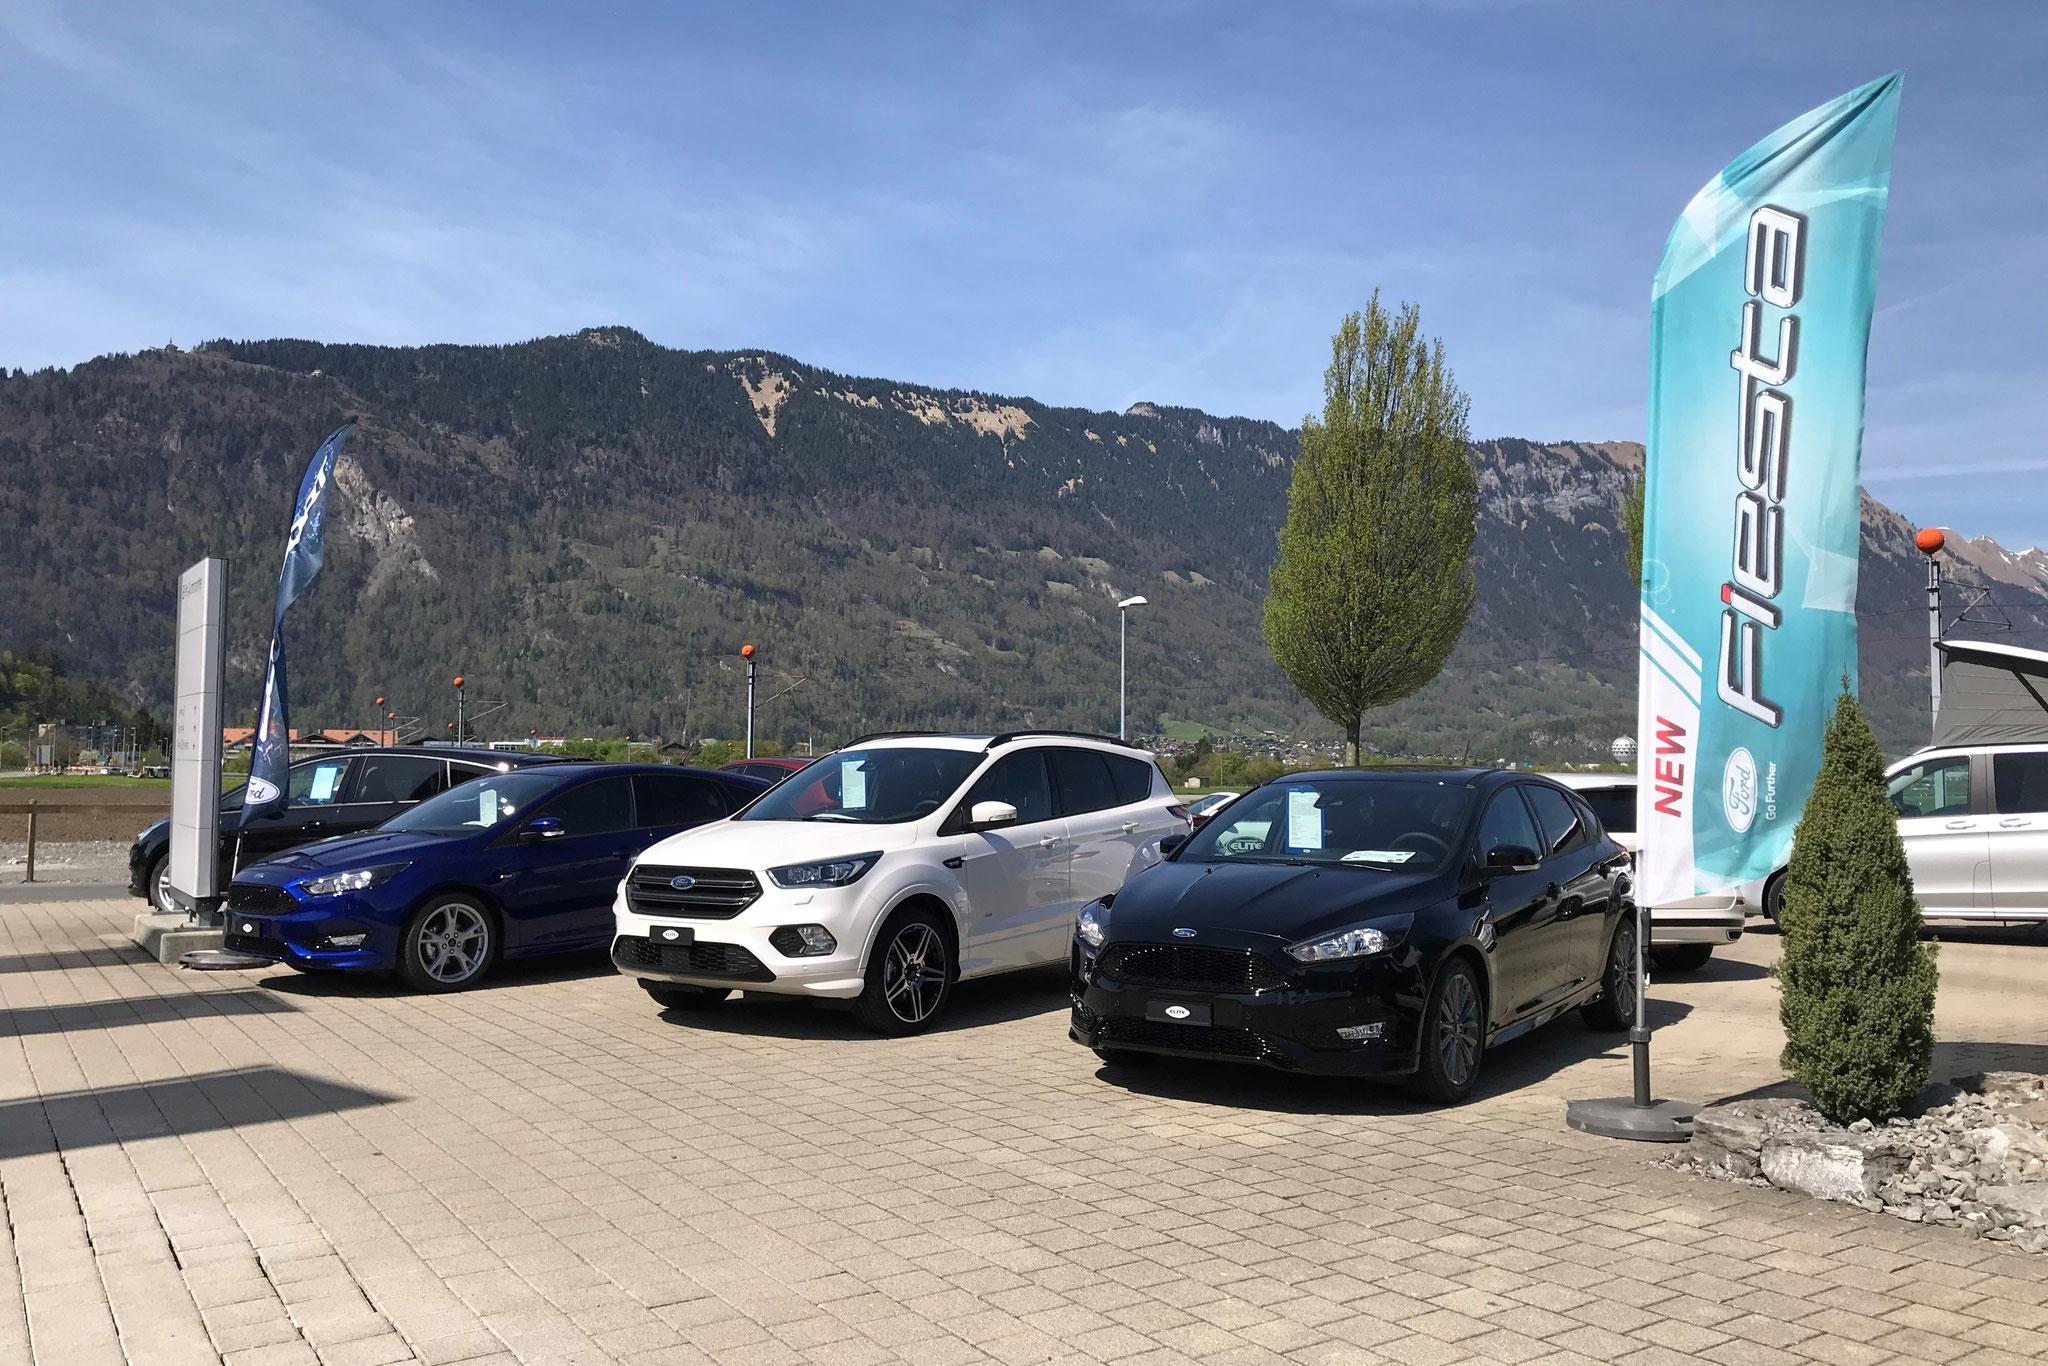 Ford Focus, Kuga und Focus